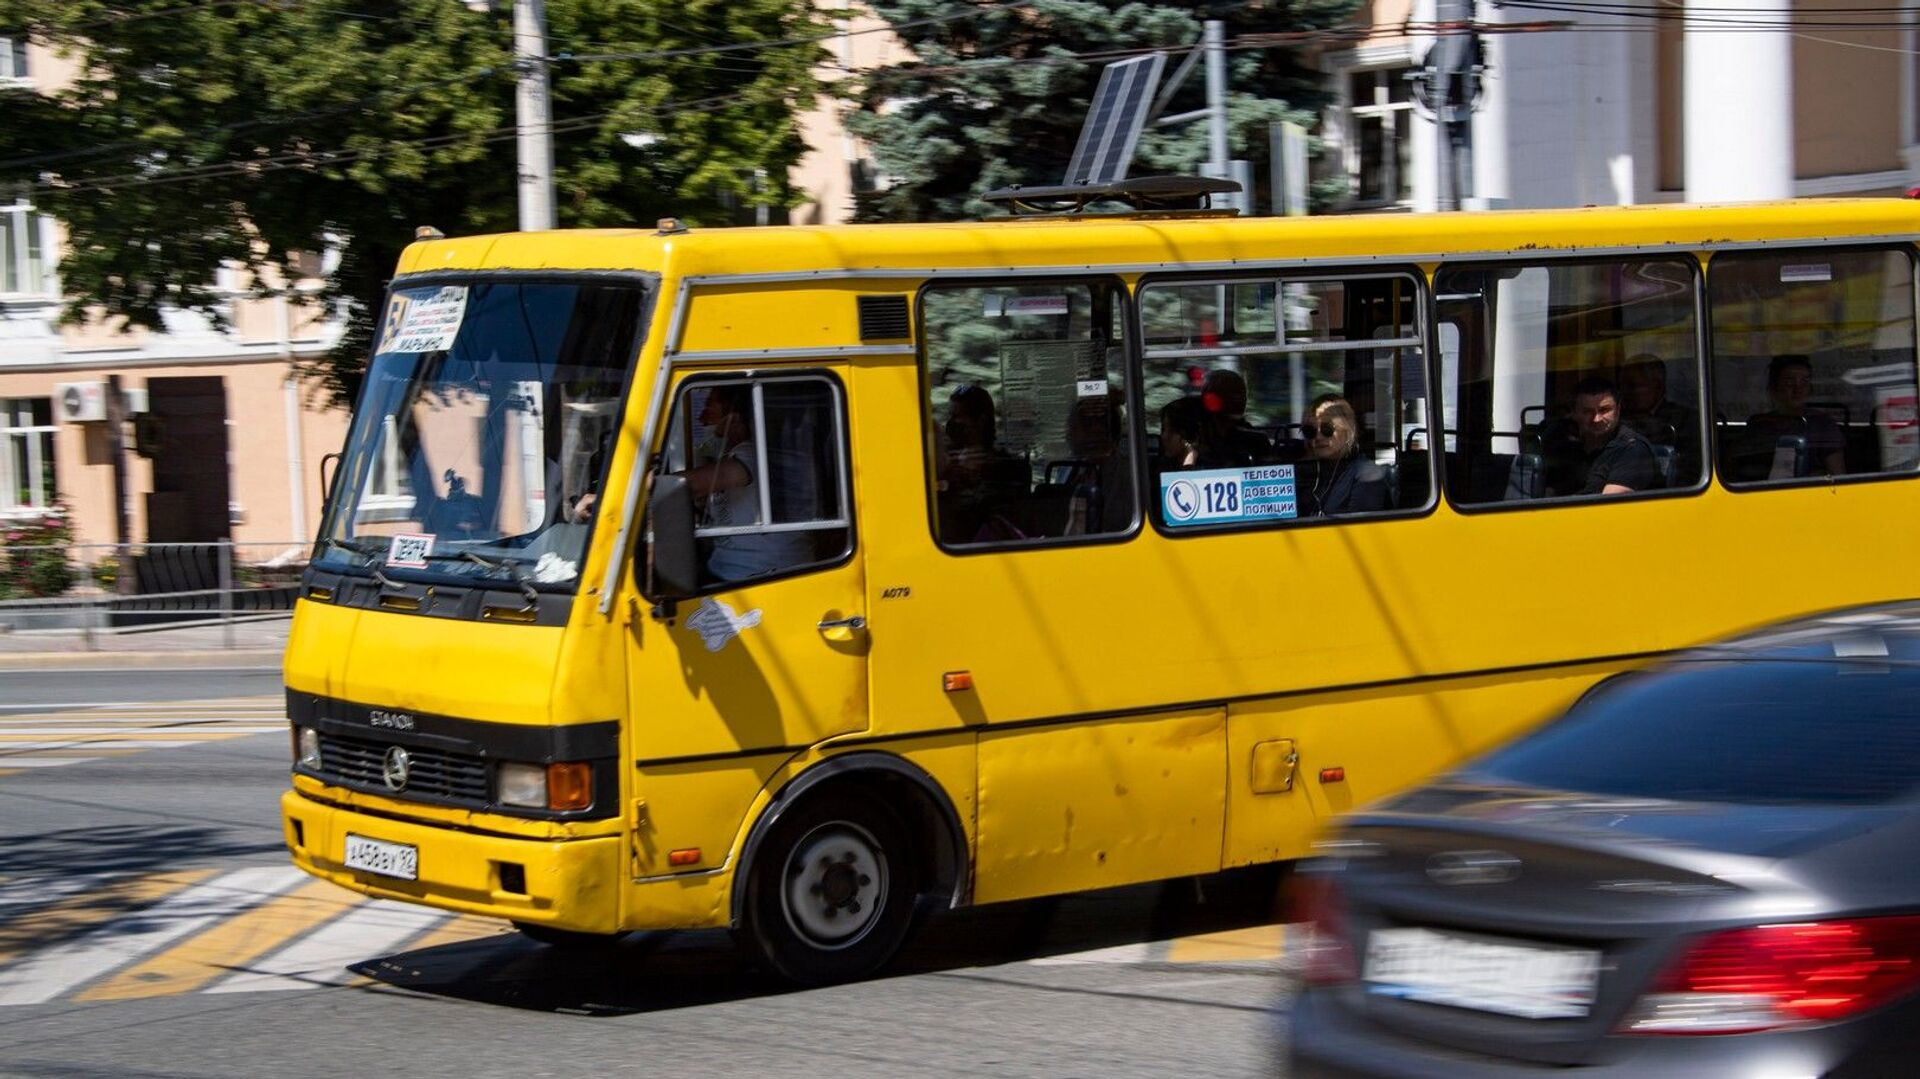 Автобус город улица транспорт - РИА Новости, 1920, 03.11.2020